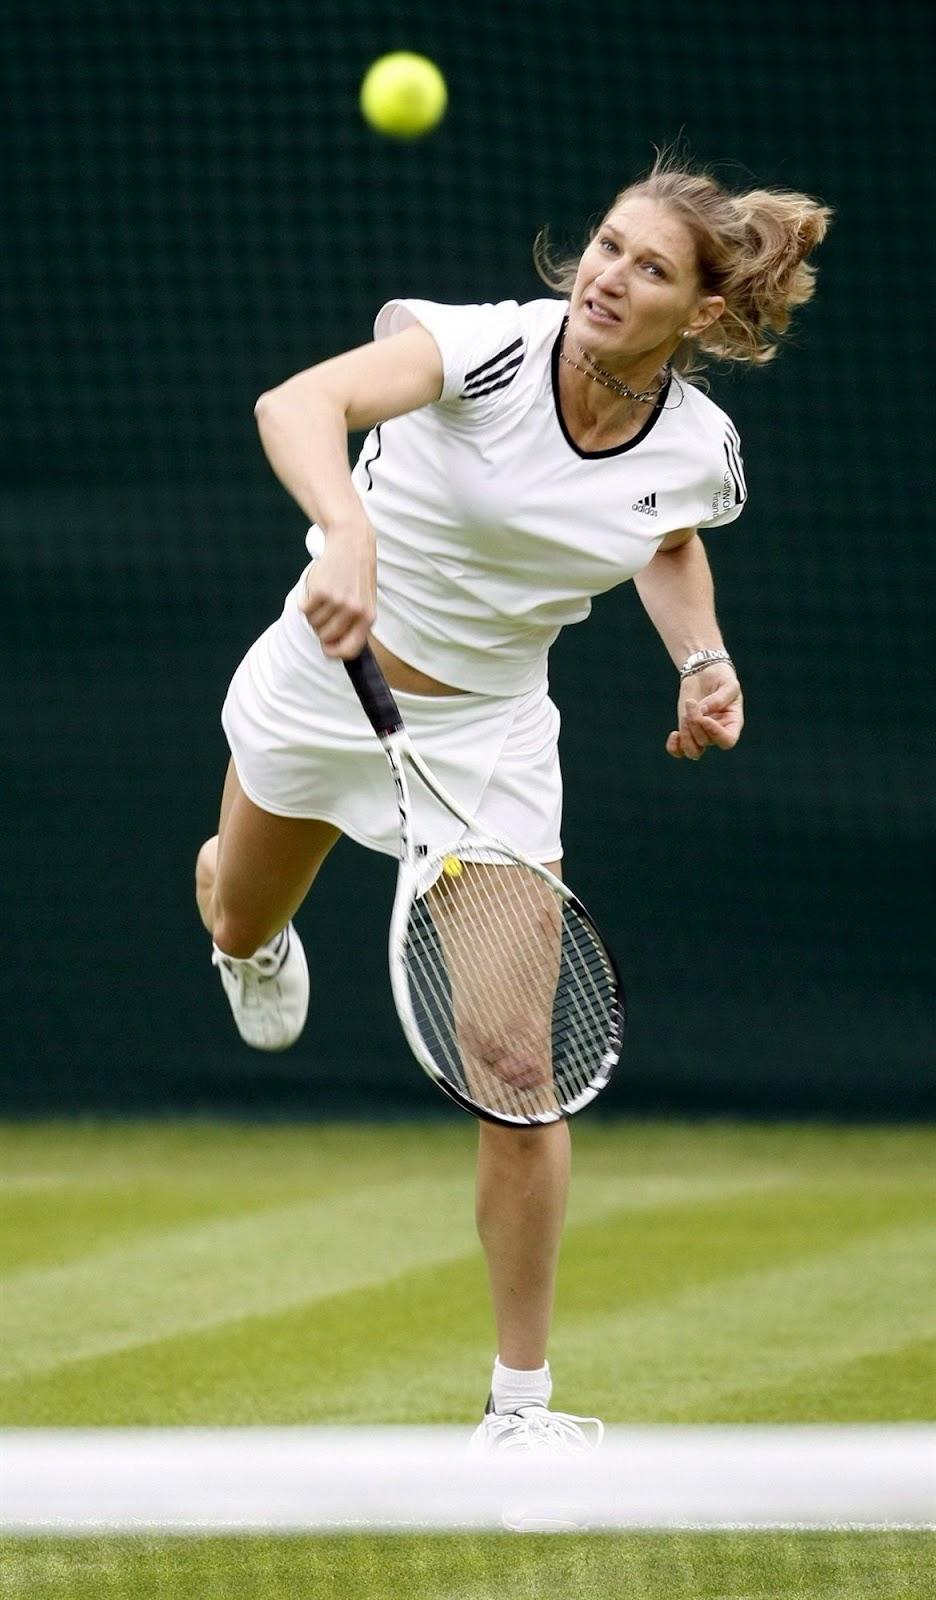 Optimum Sports Sports Quotes Steffi Graf